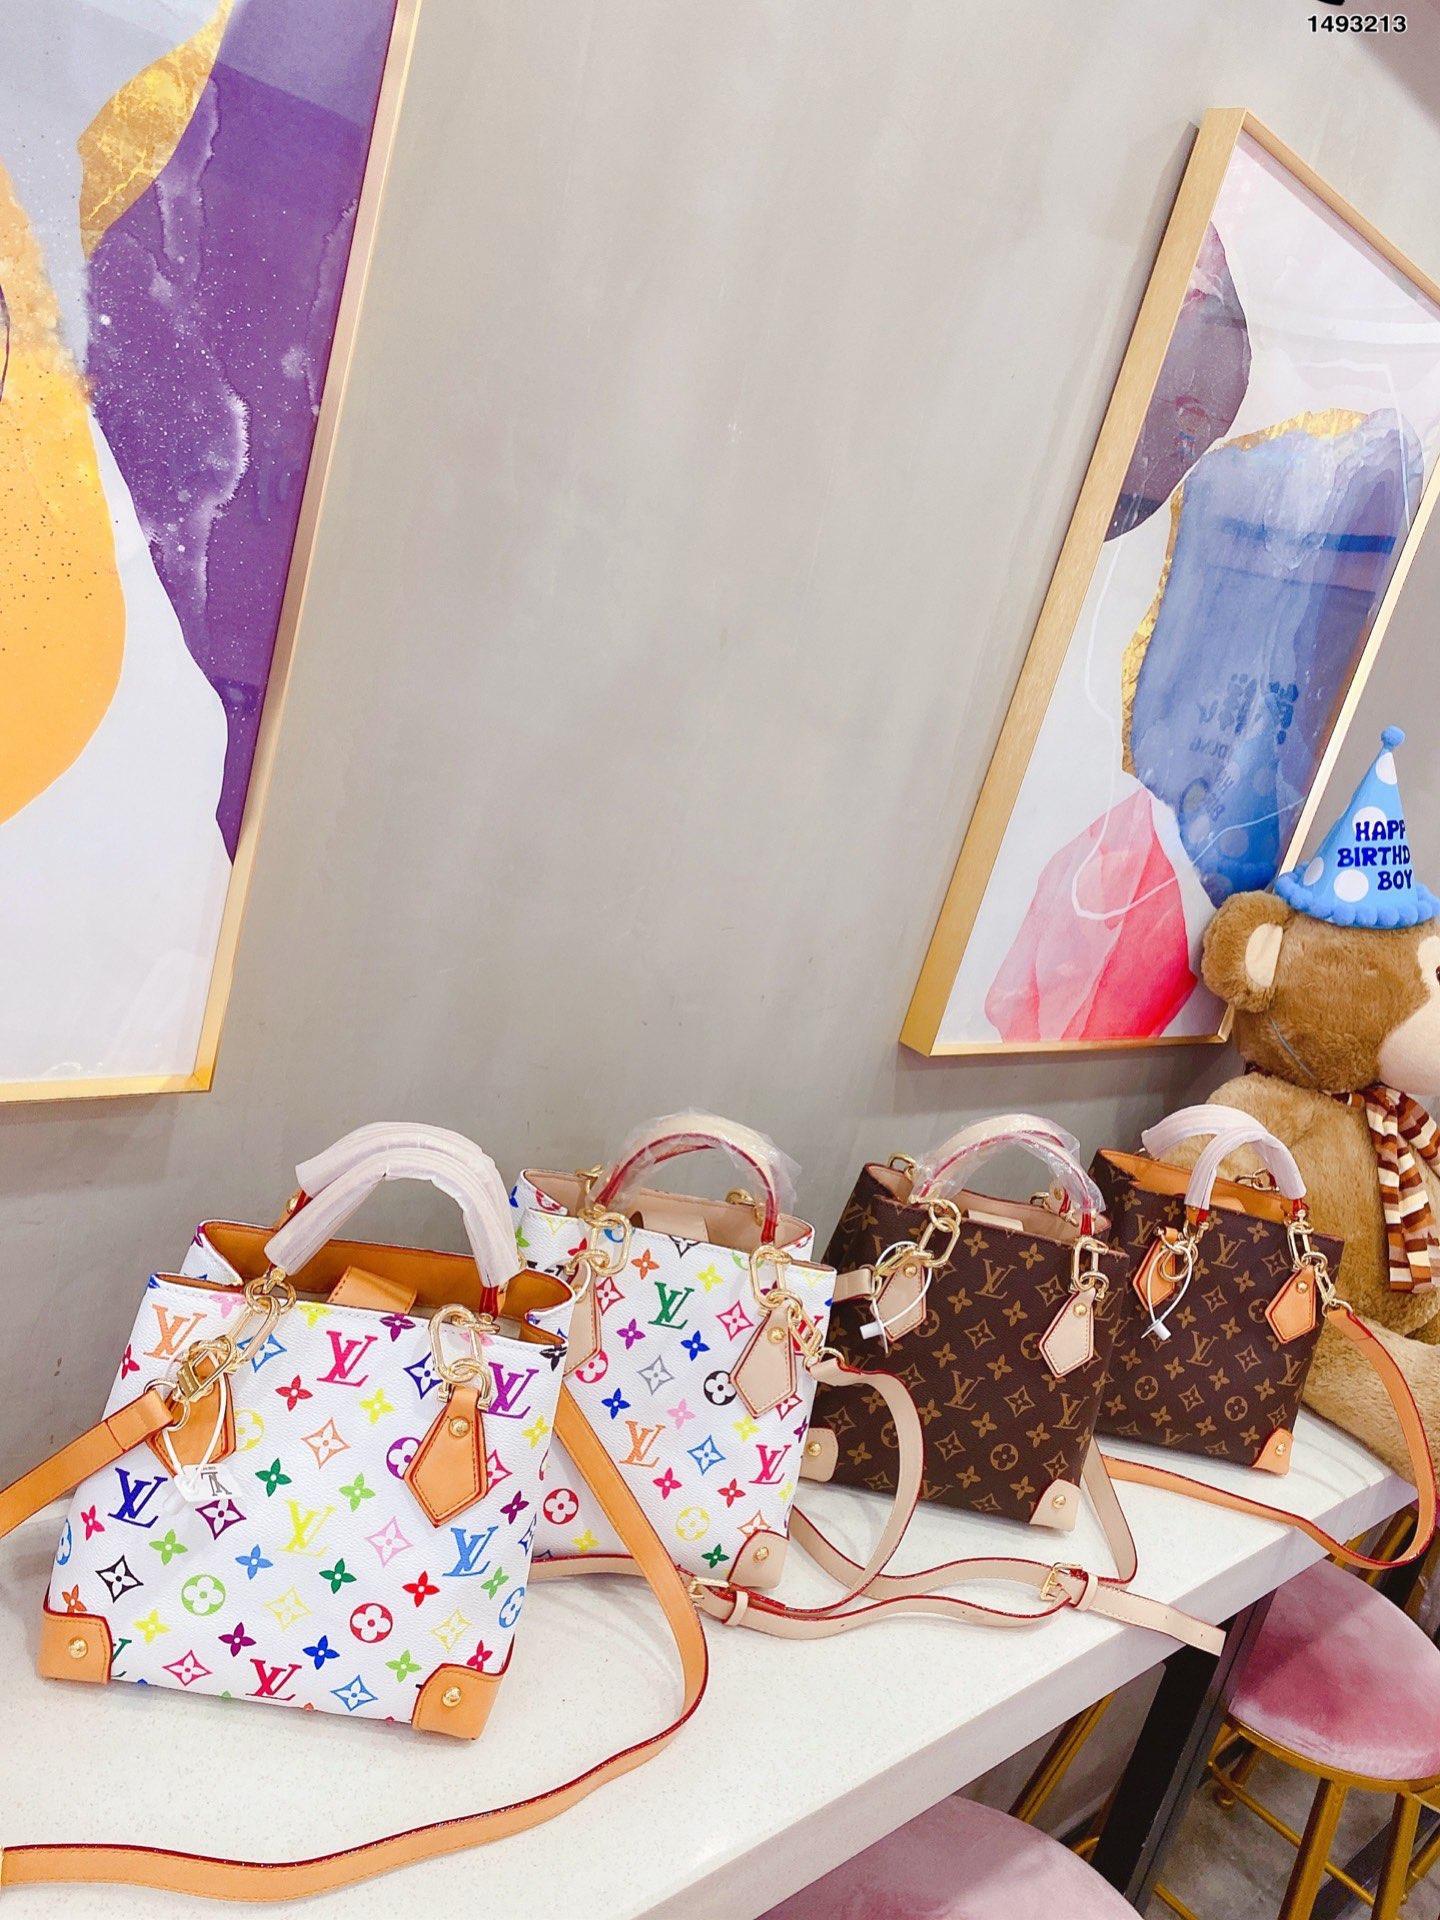 En kaliteli kadın omuz çantaları Büyük taşımak alışveriş çanta taşımak çantası Retro lüks moda kadın çantaları vintage çanta cüzdan çanta FJ166